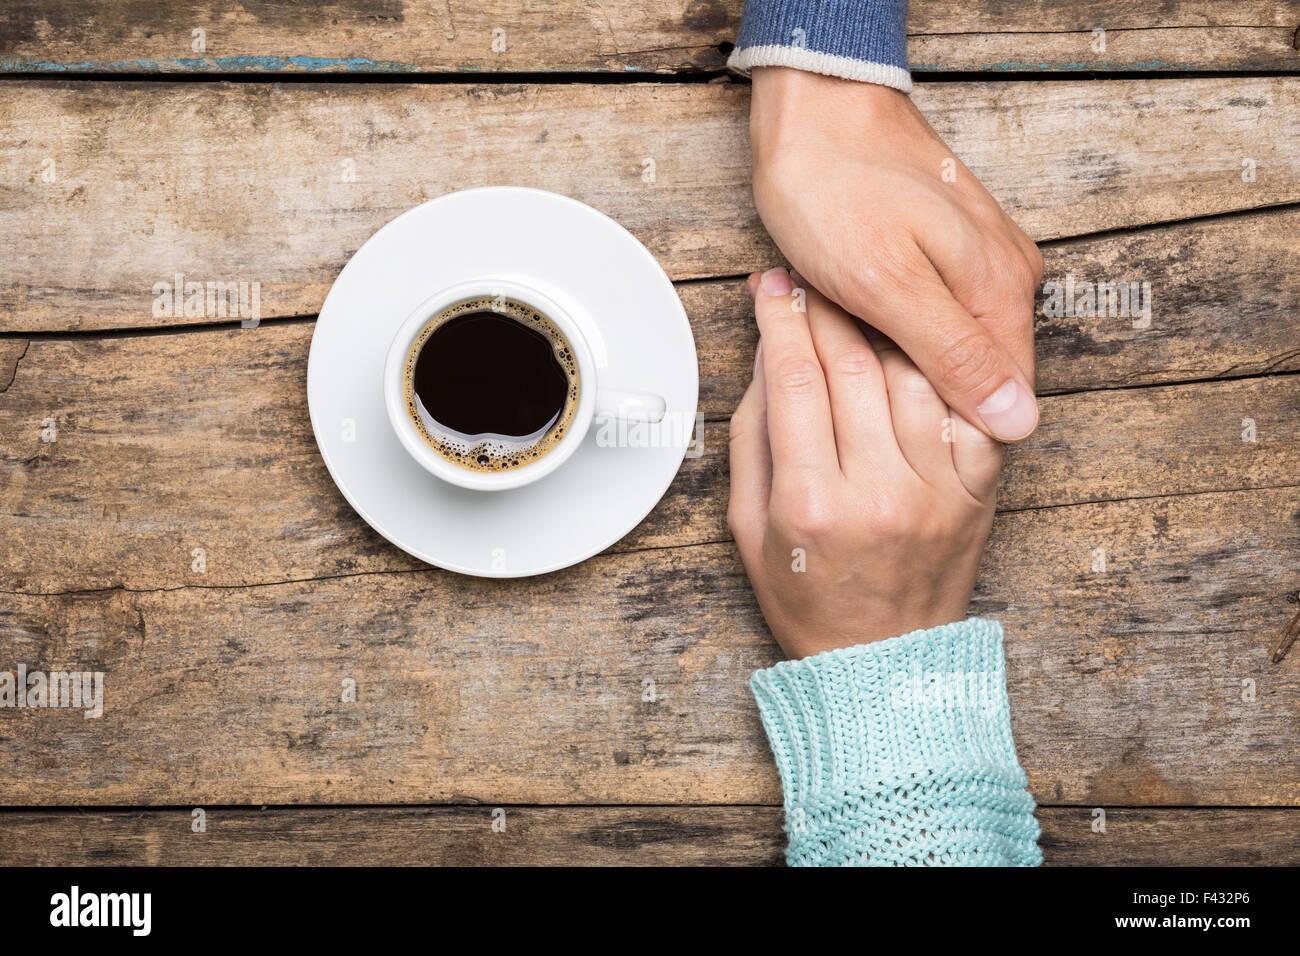 El hombre tiene la mano de una mujer con una taza de café Inicio Ver imagen en madera como telón de fondo. Imagen De Stock